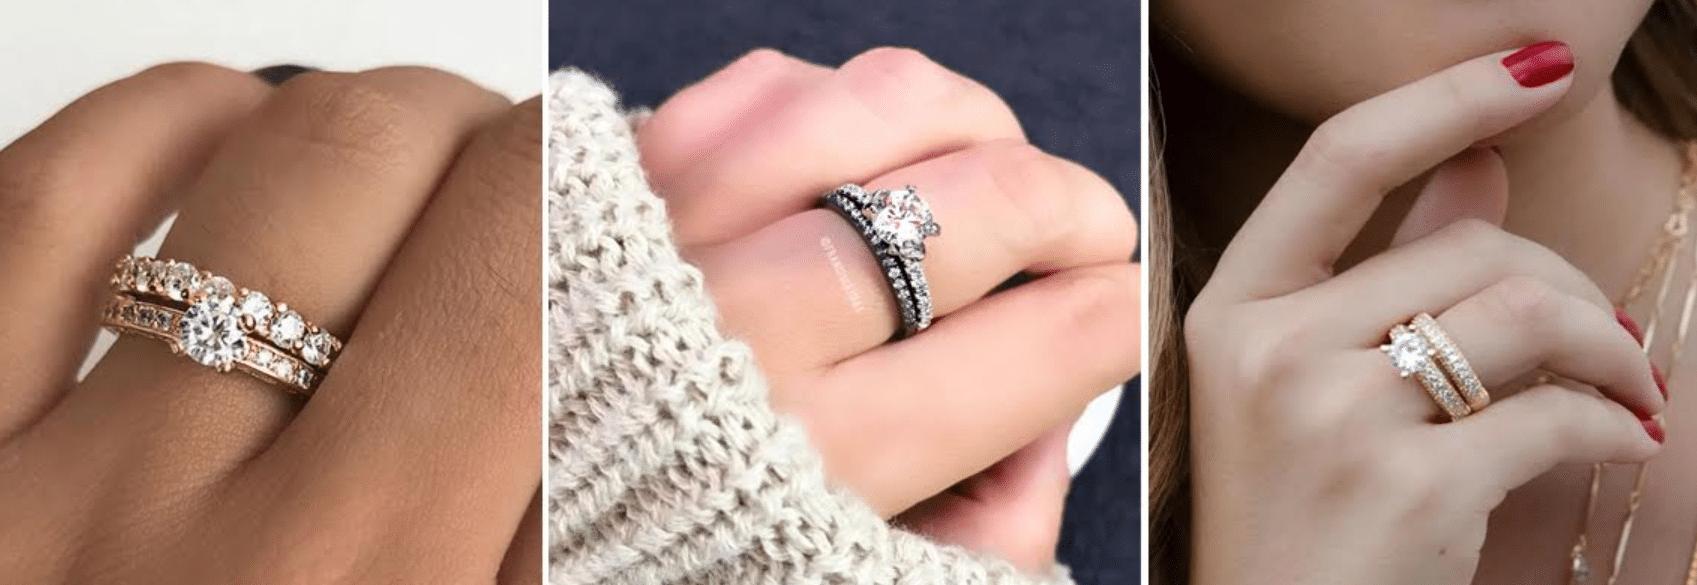 imagem de modelos de anéis aparadores de aliança